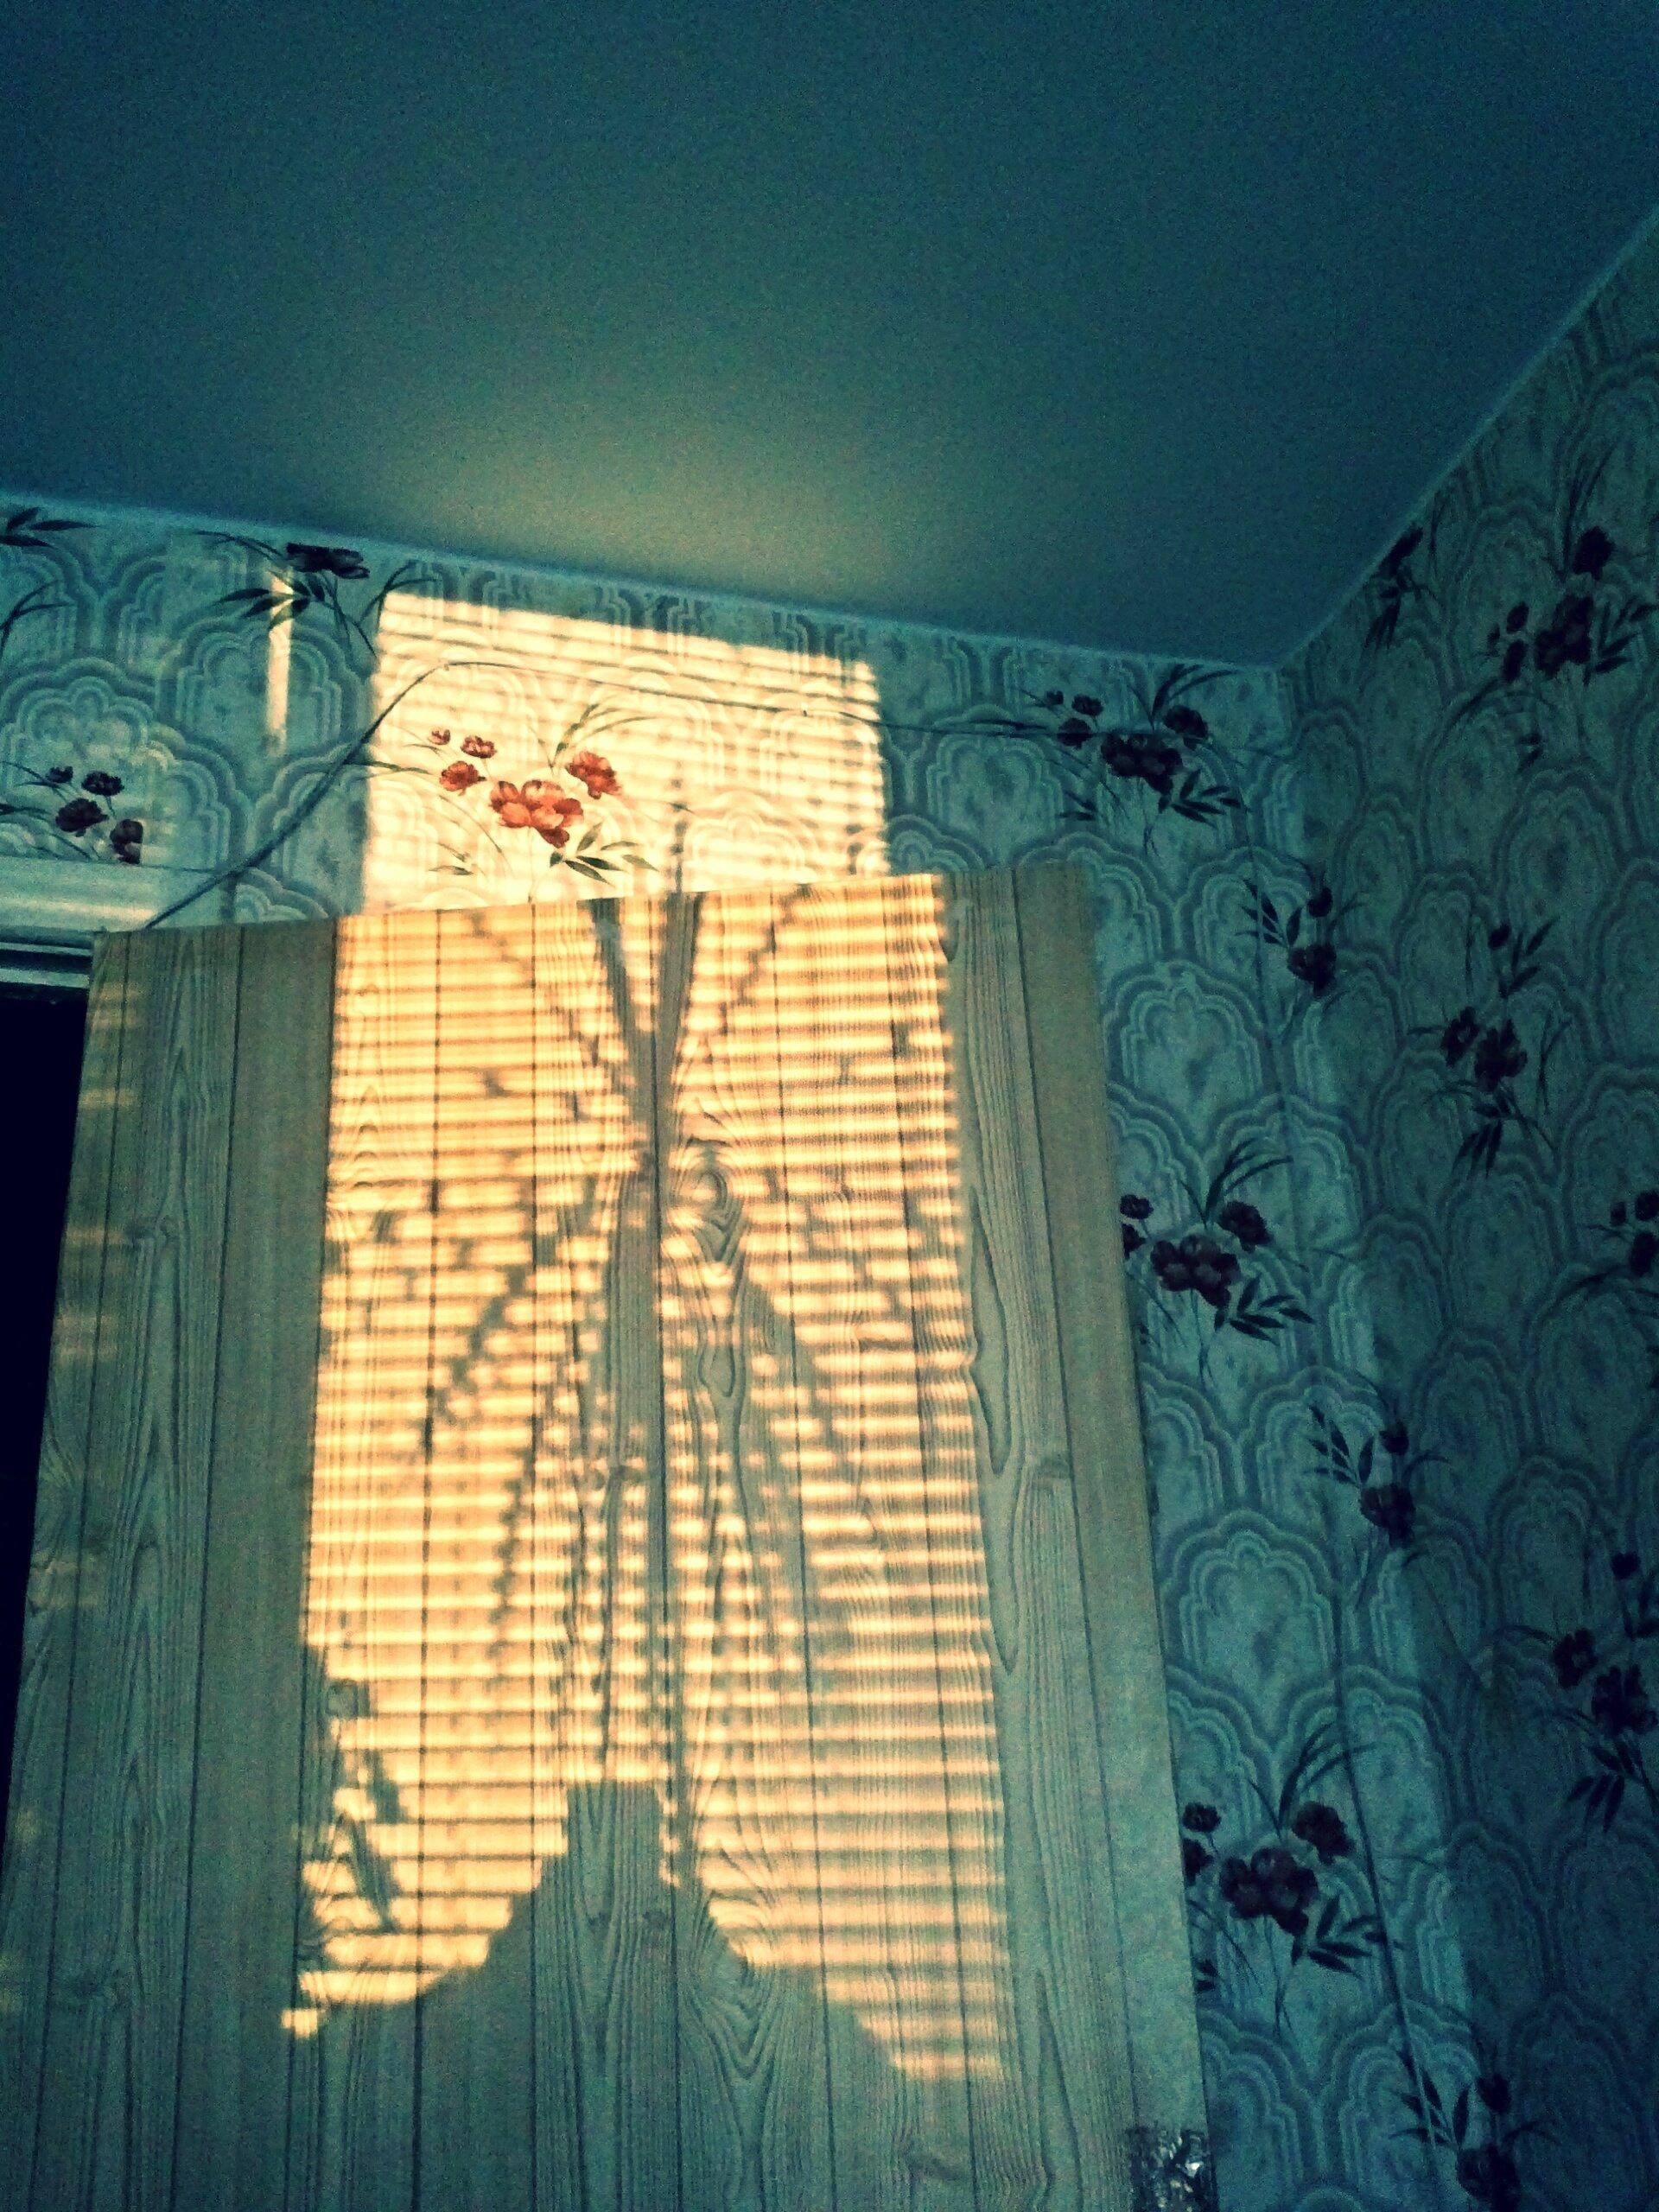 У меня дома тени 2006 года(( - Изображение 1